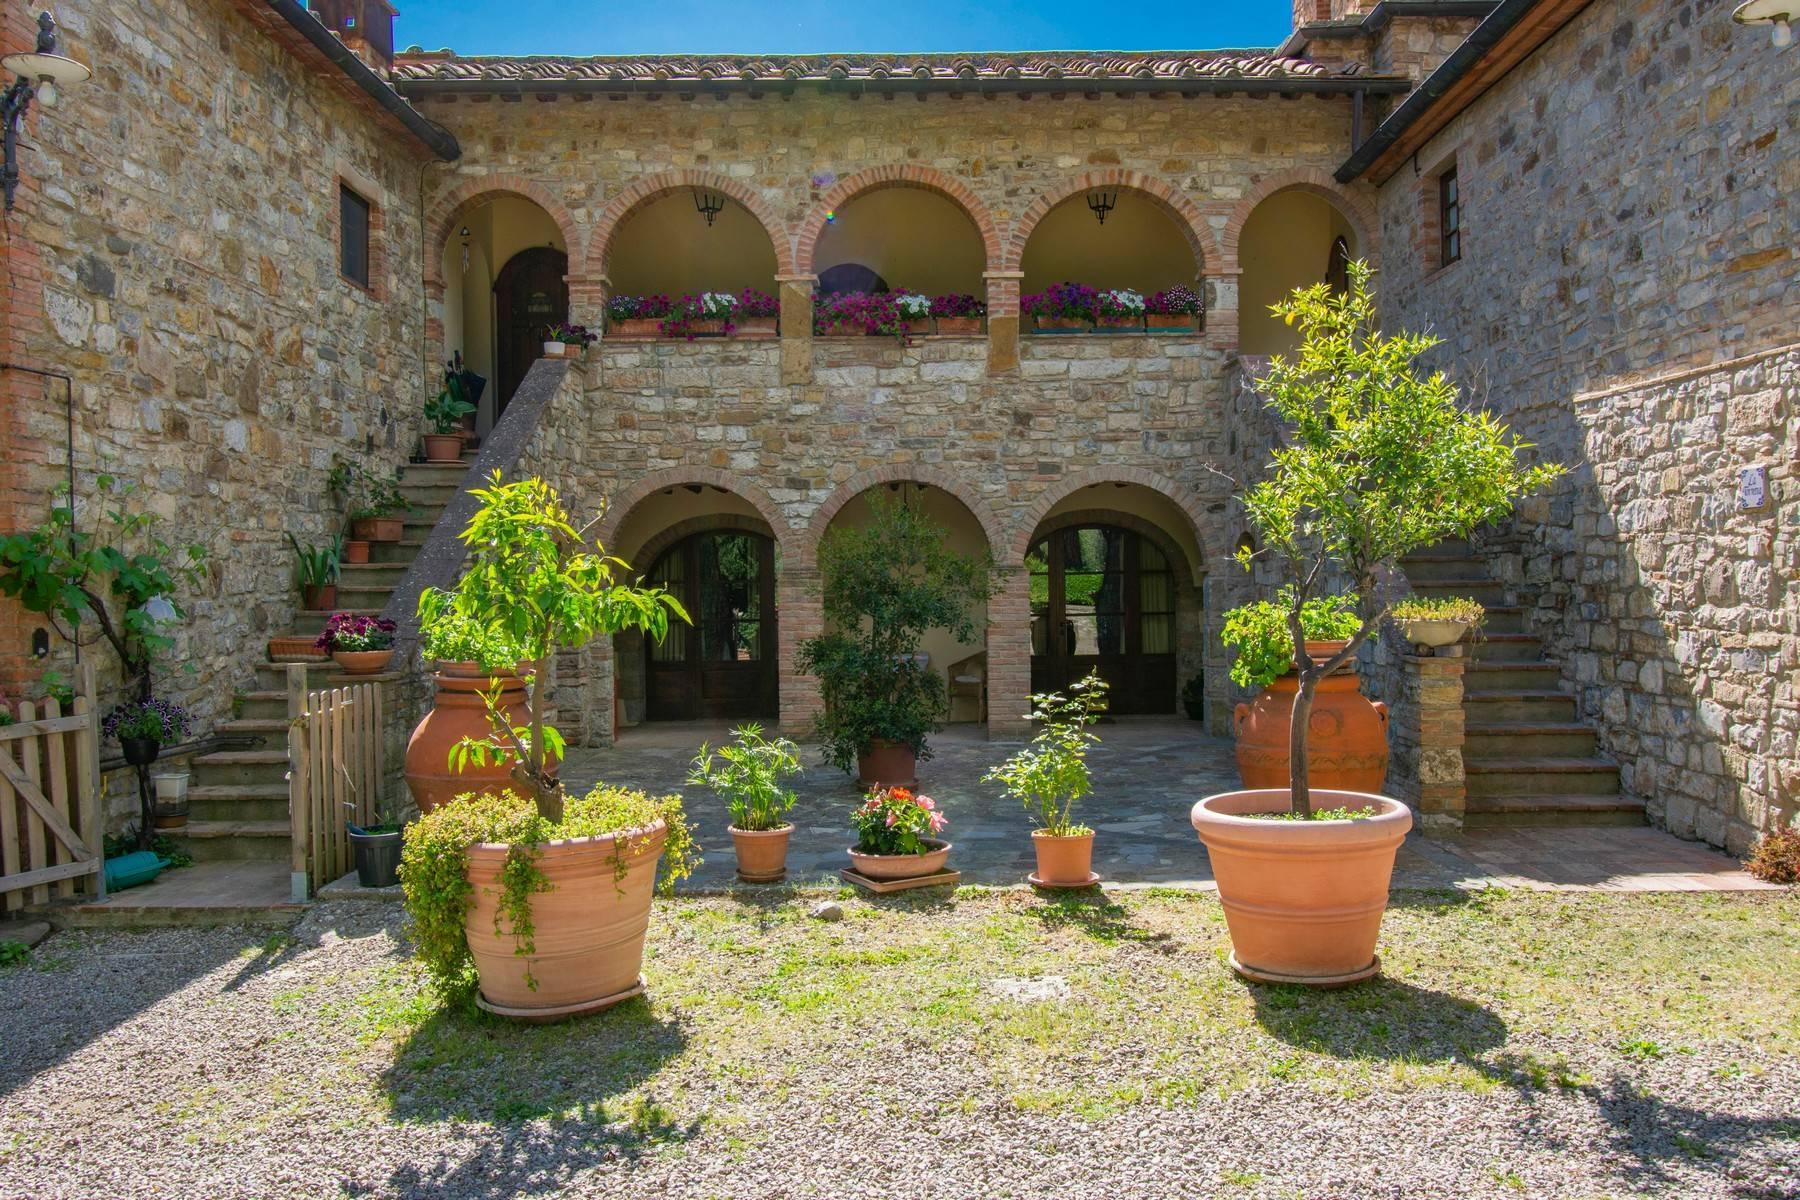 Esclusive wine estate in the heart of Chianti classico - 26